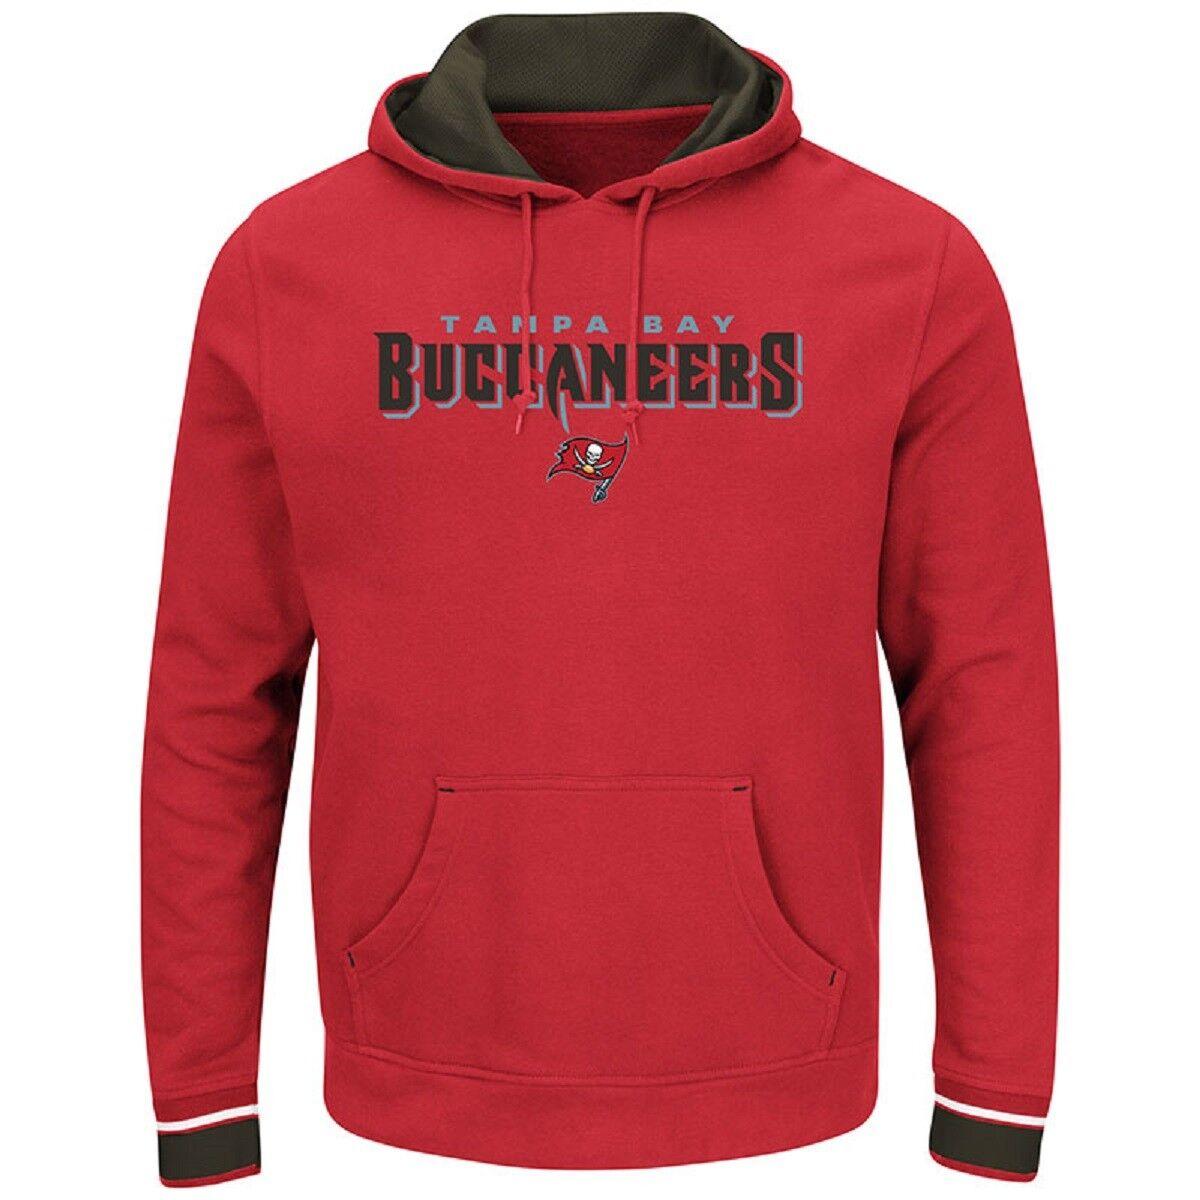 NFL Hoody Tampa Bay Buccaneers Hoodie Kaputzenpullover Championship Championship Championship Sweater hood 742cce